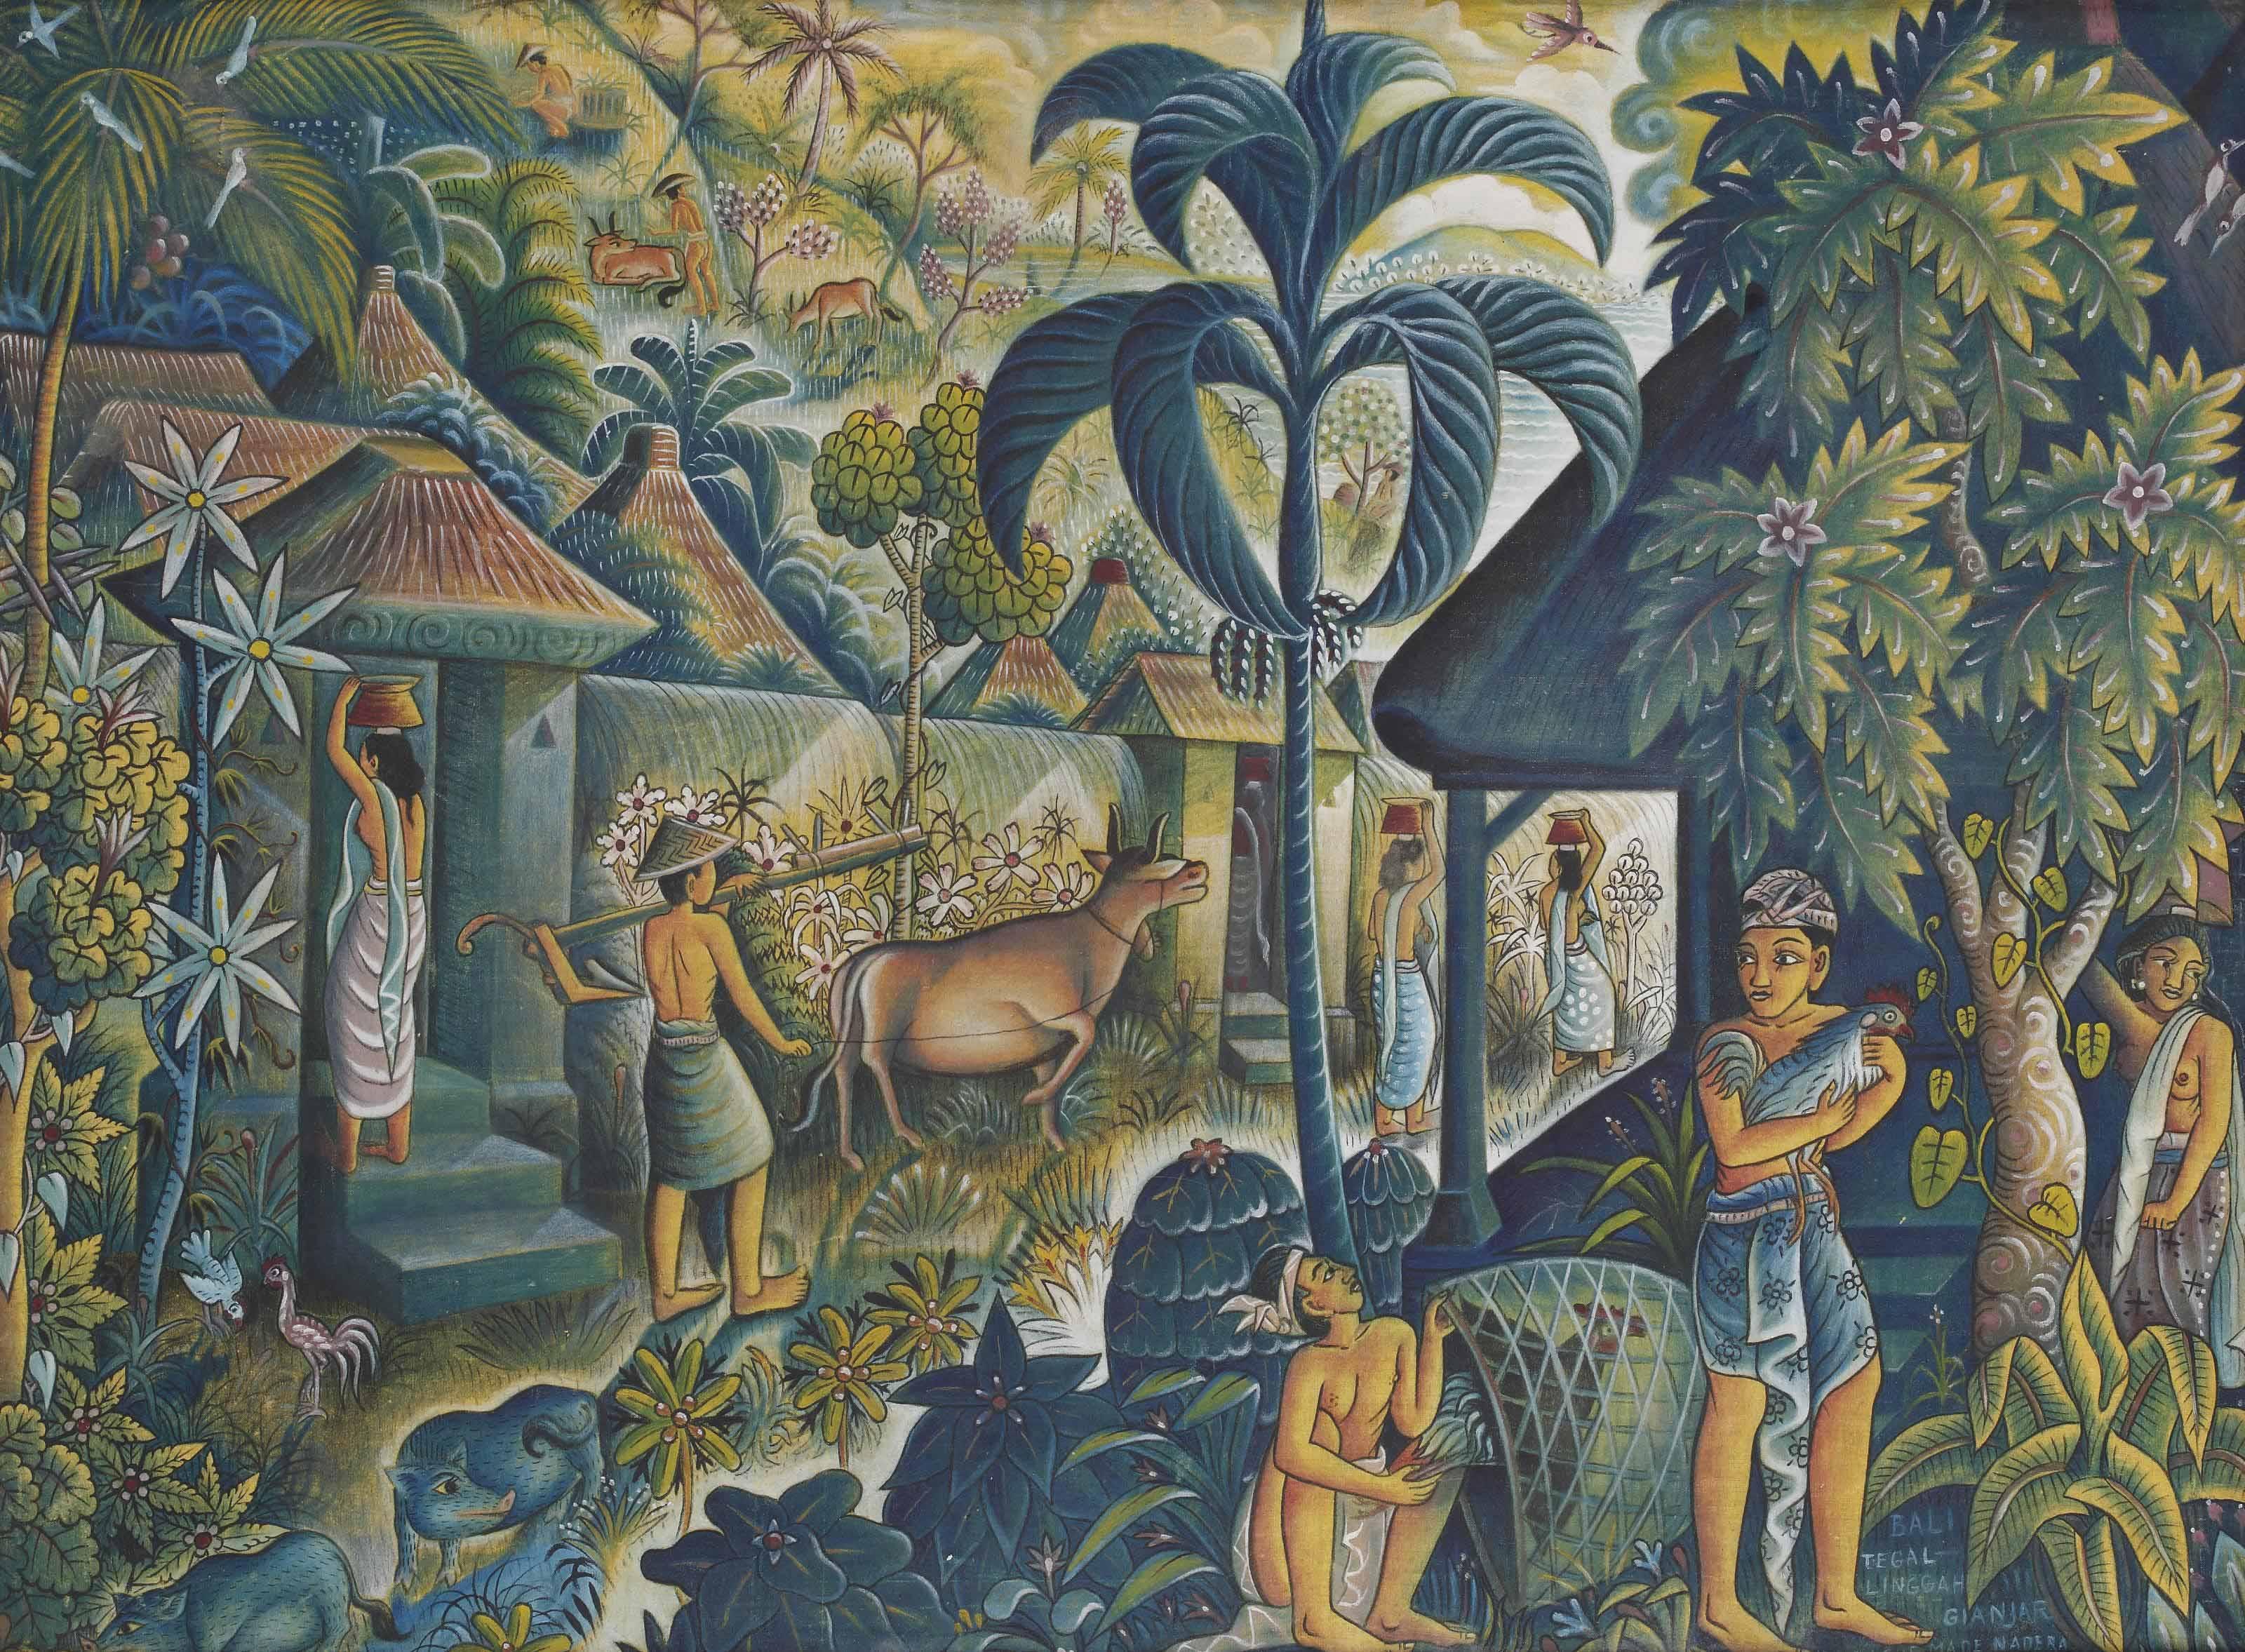 Tegalinggah Gianjar Bali